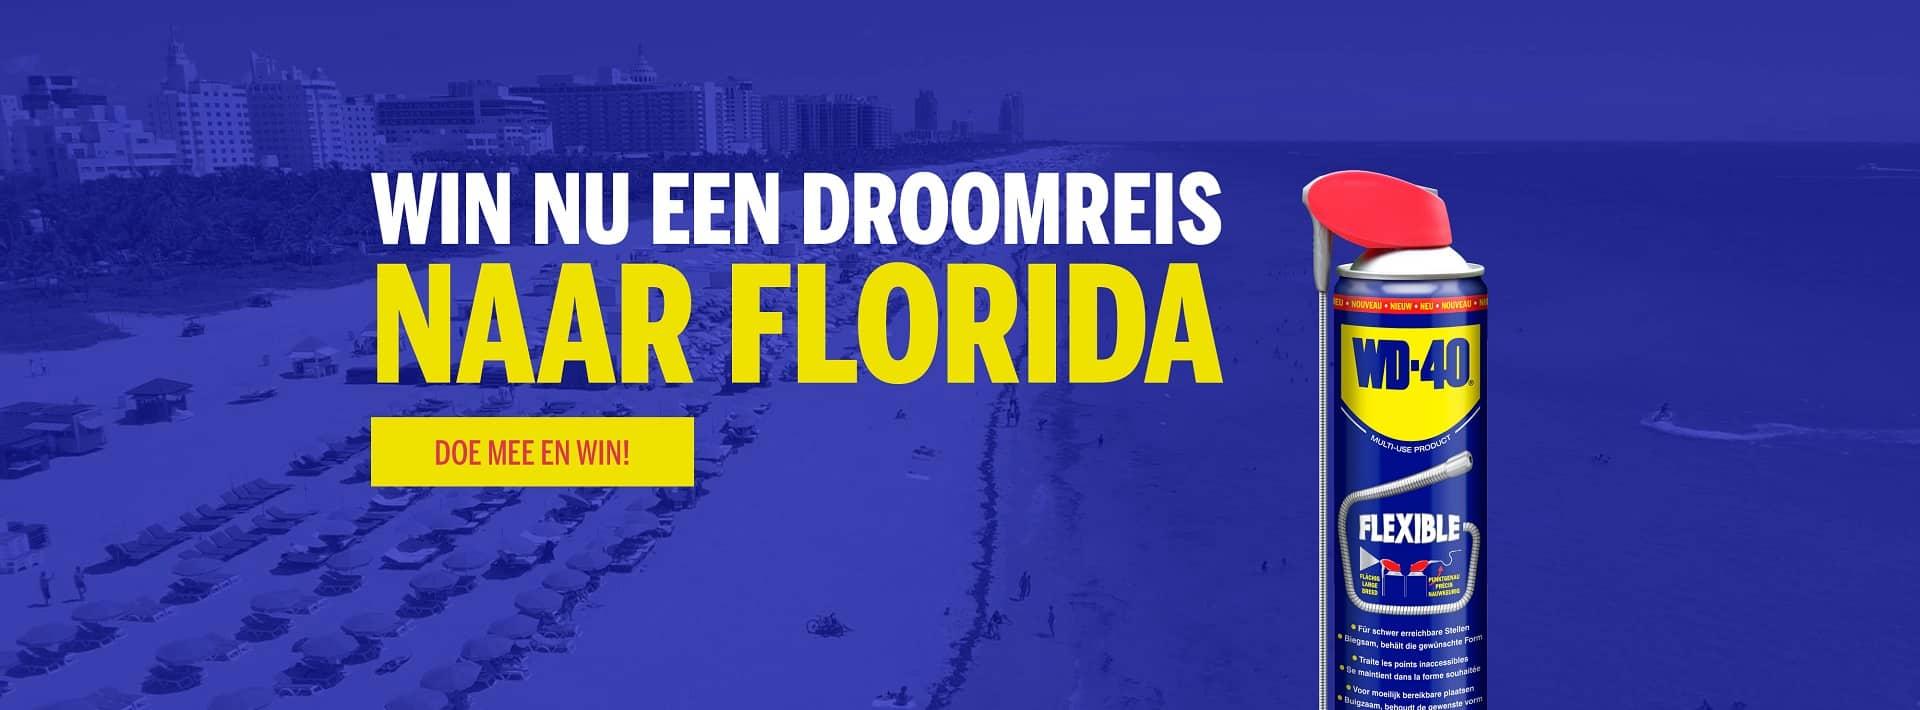 WD-40 geeft een droomreis naar Florida weg: WD-40 smeermiddelen en onderhoudsproducten